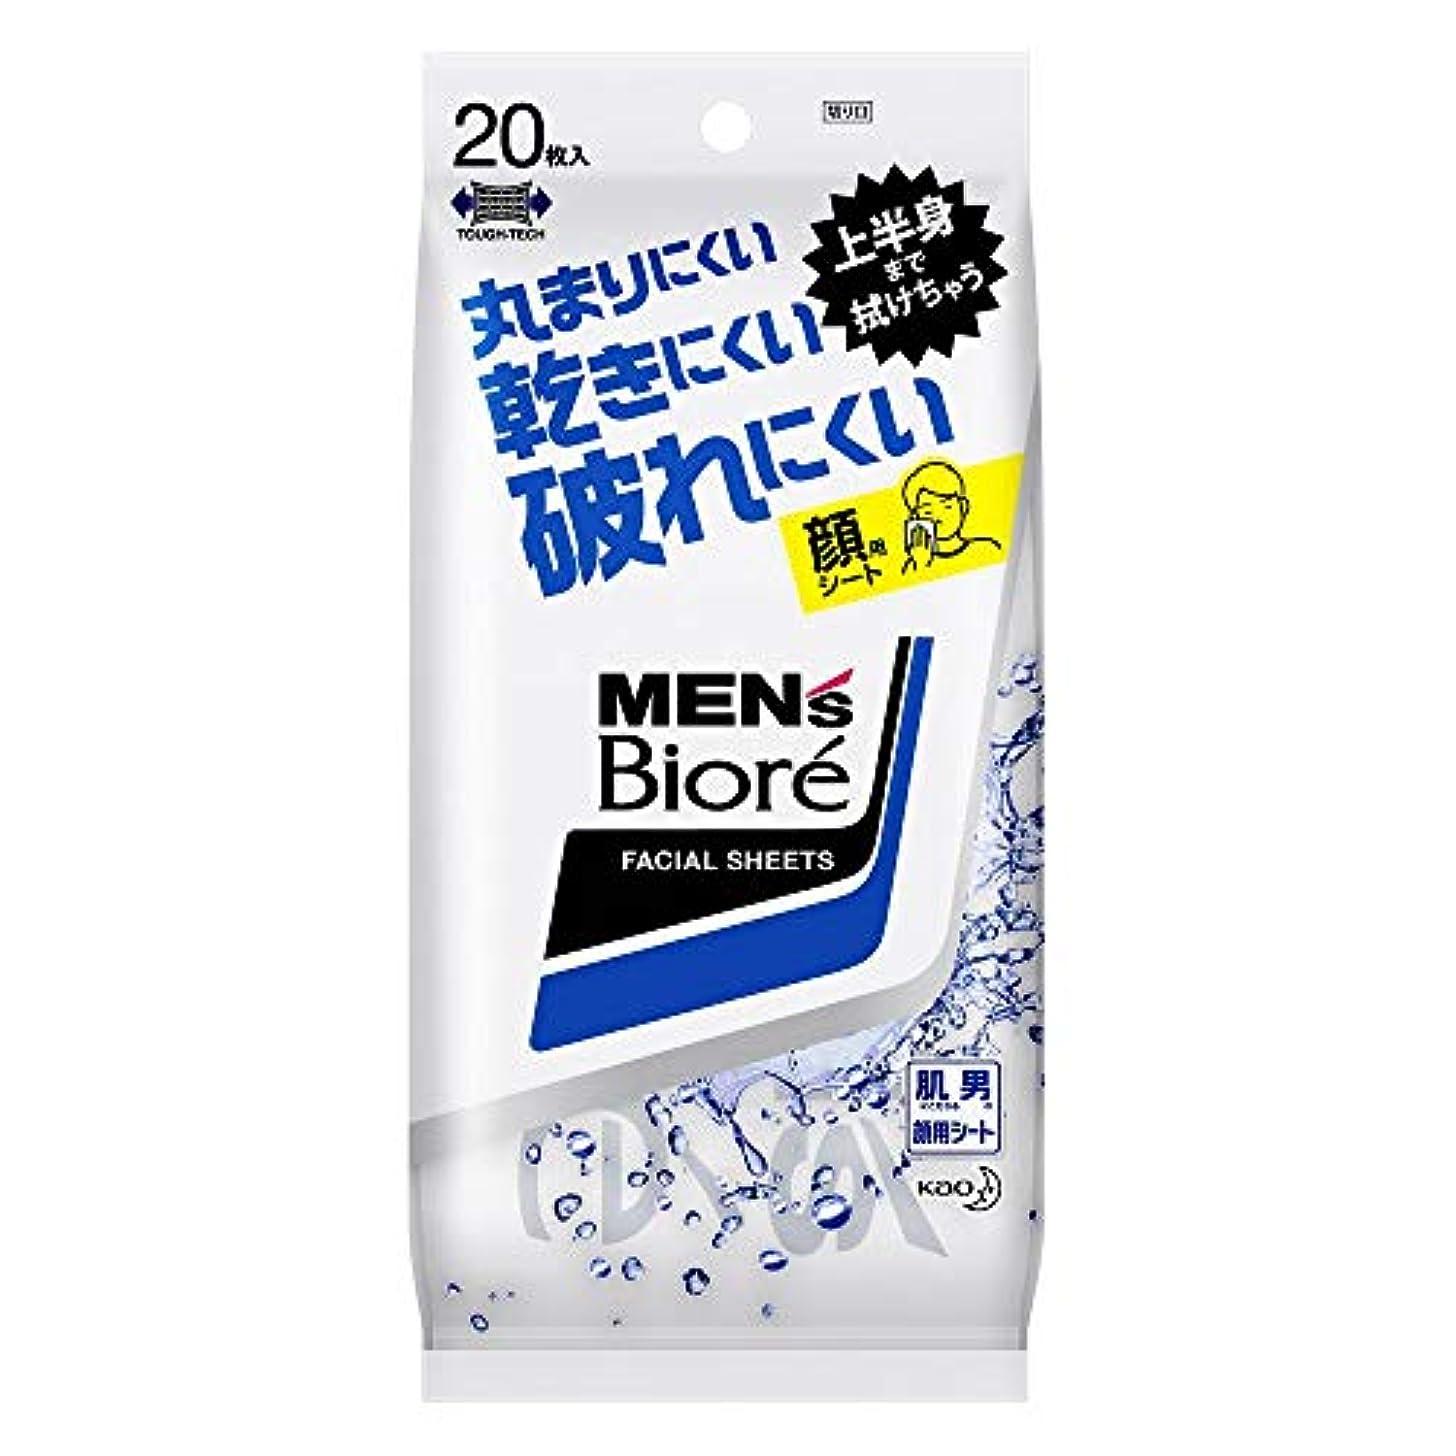 プラスチックシーサイド影響花王 メンズビオレ 洗顔シート 携帯用 20枚